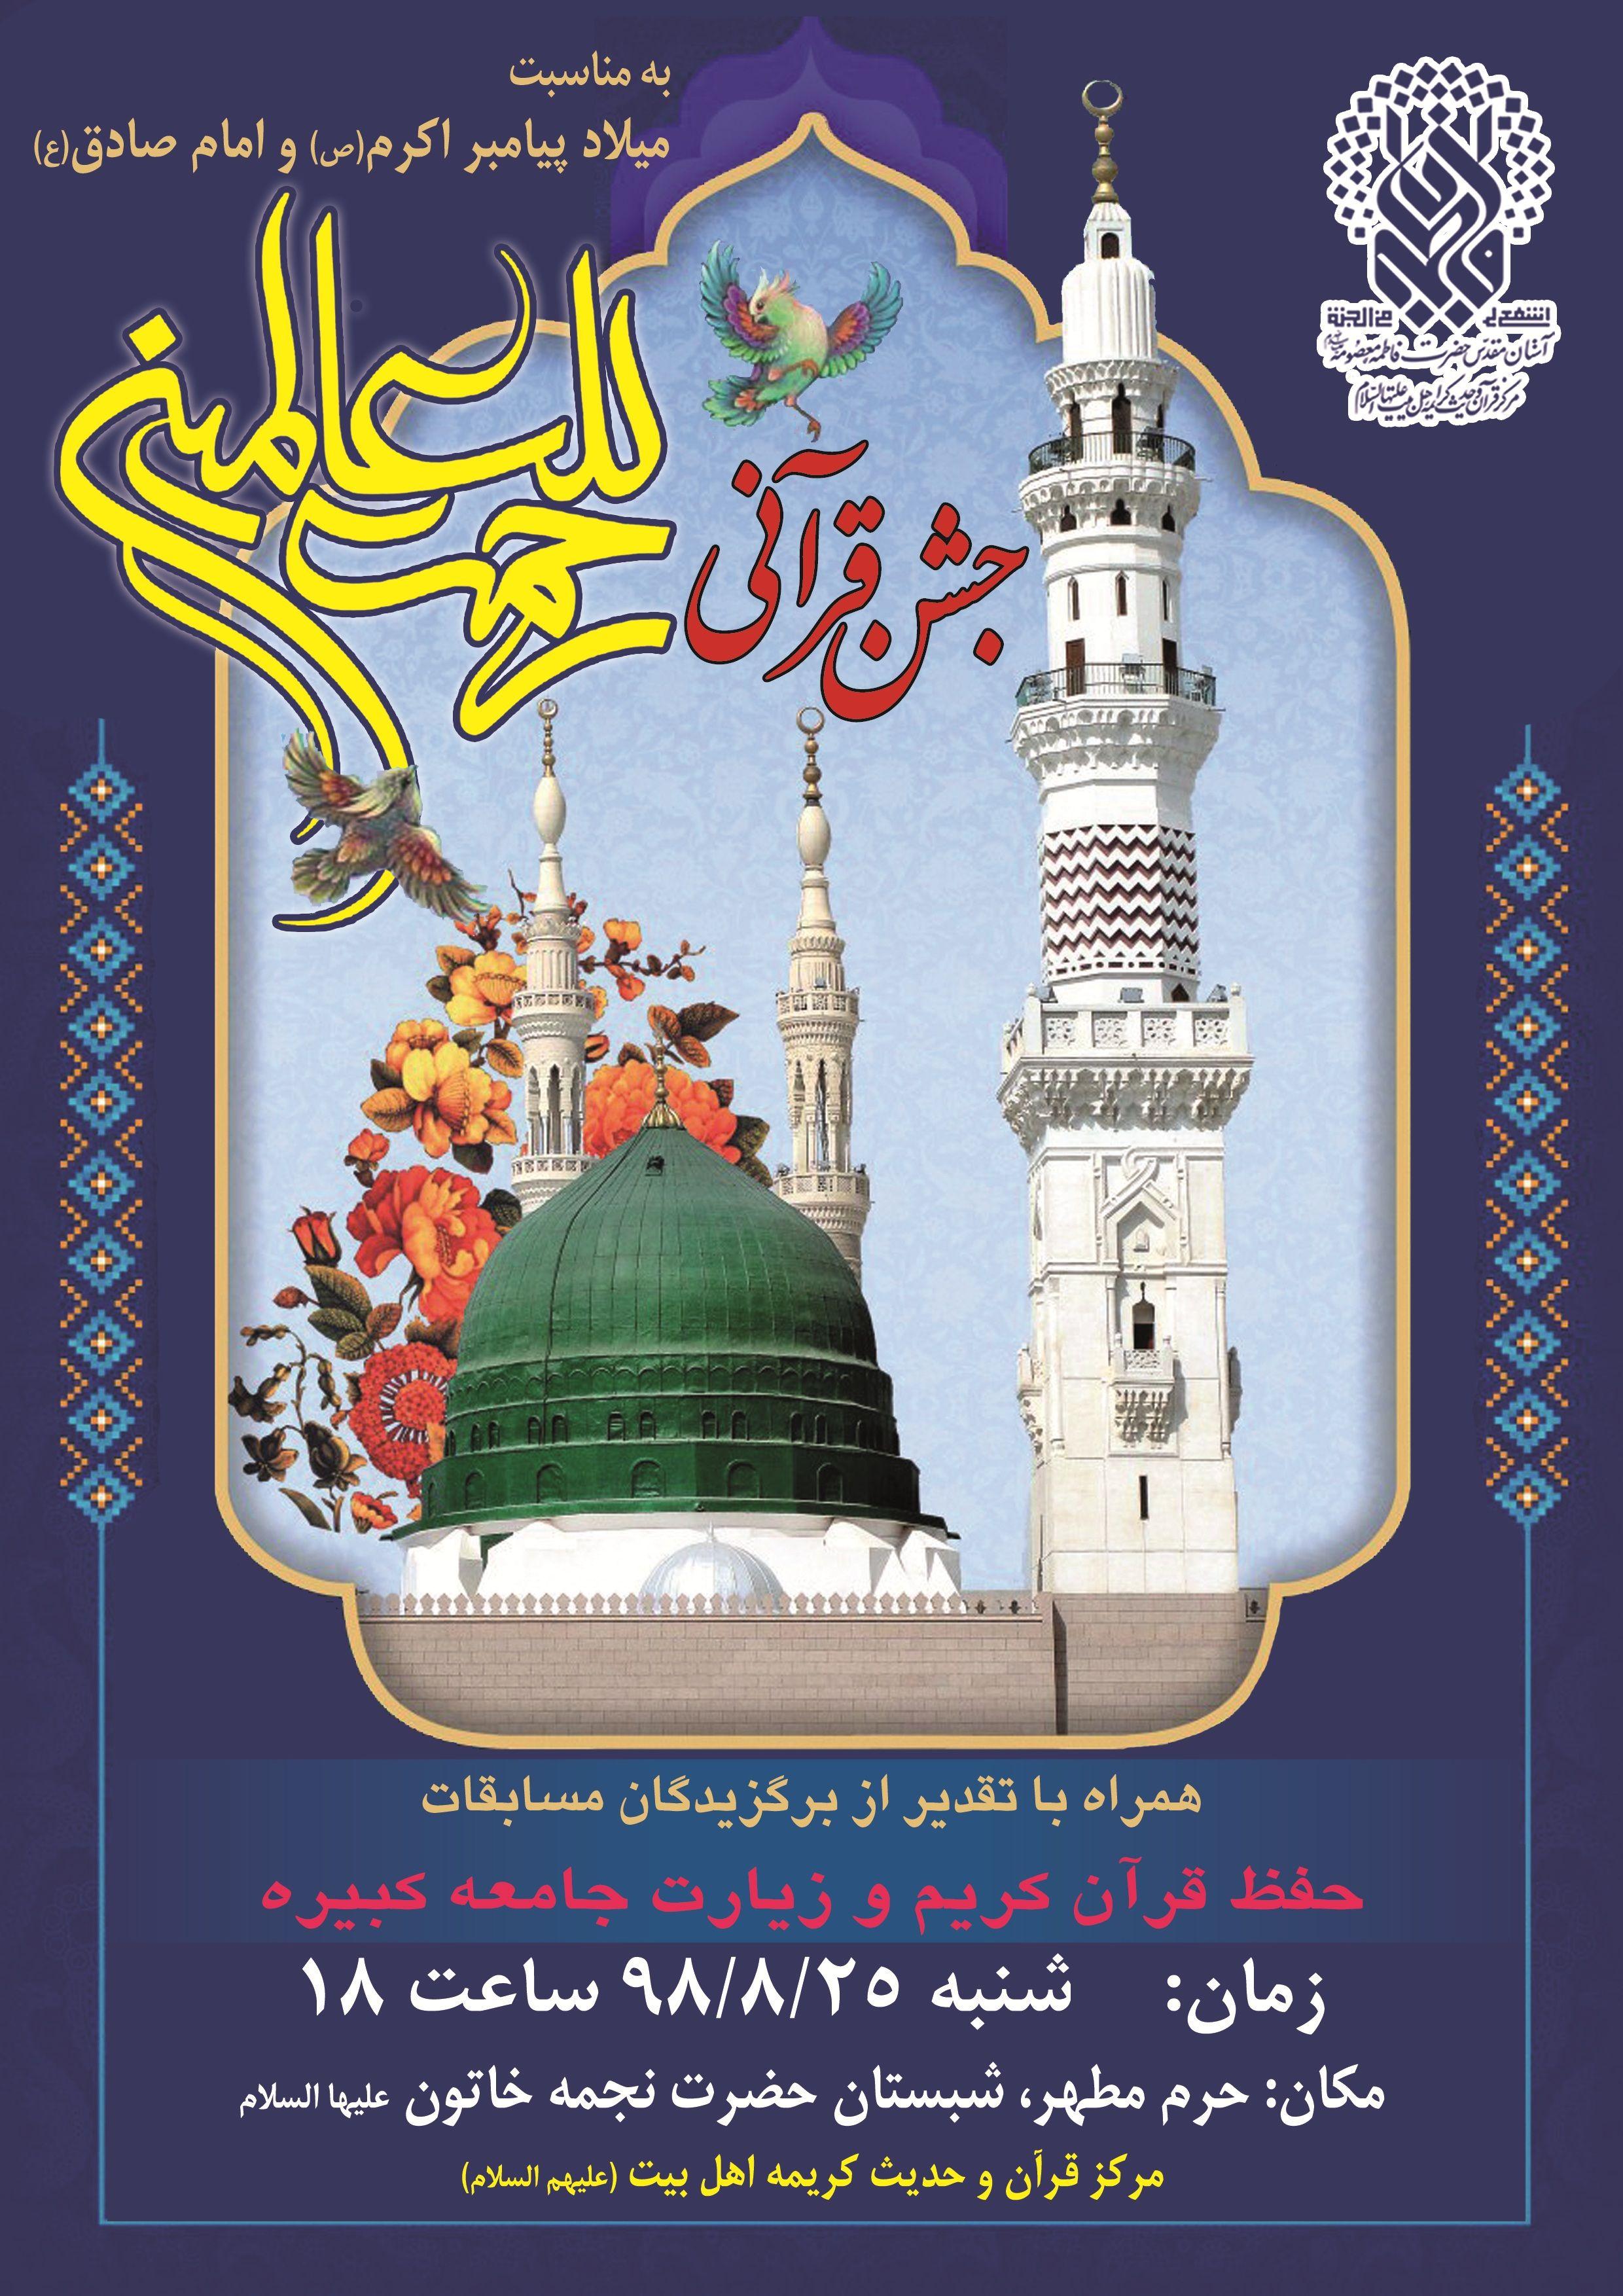 جشن قرآنی + تجلیل از برگزیدگان مسابقات